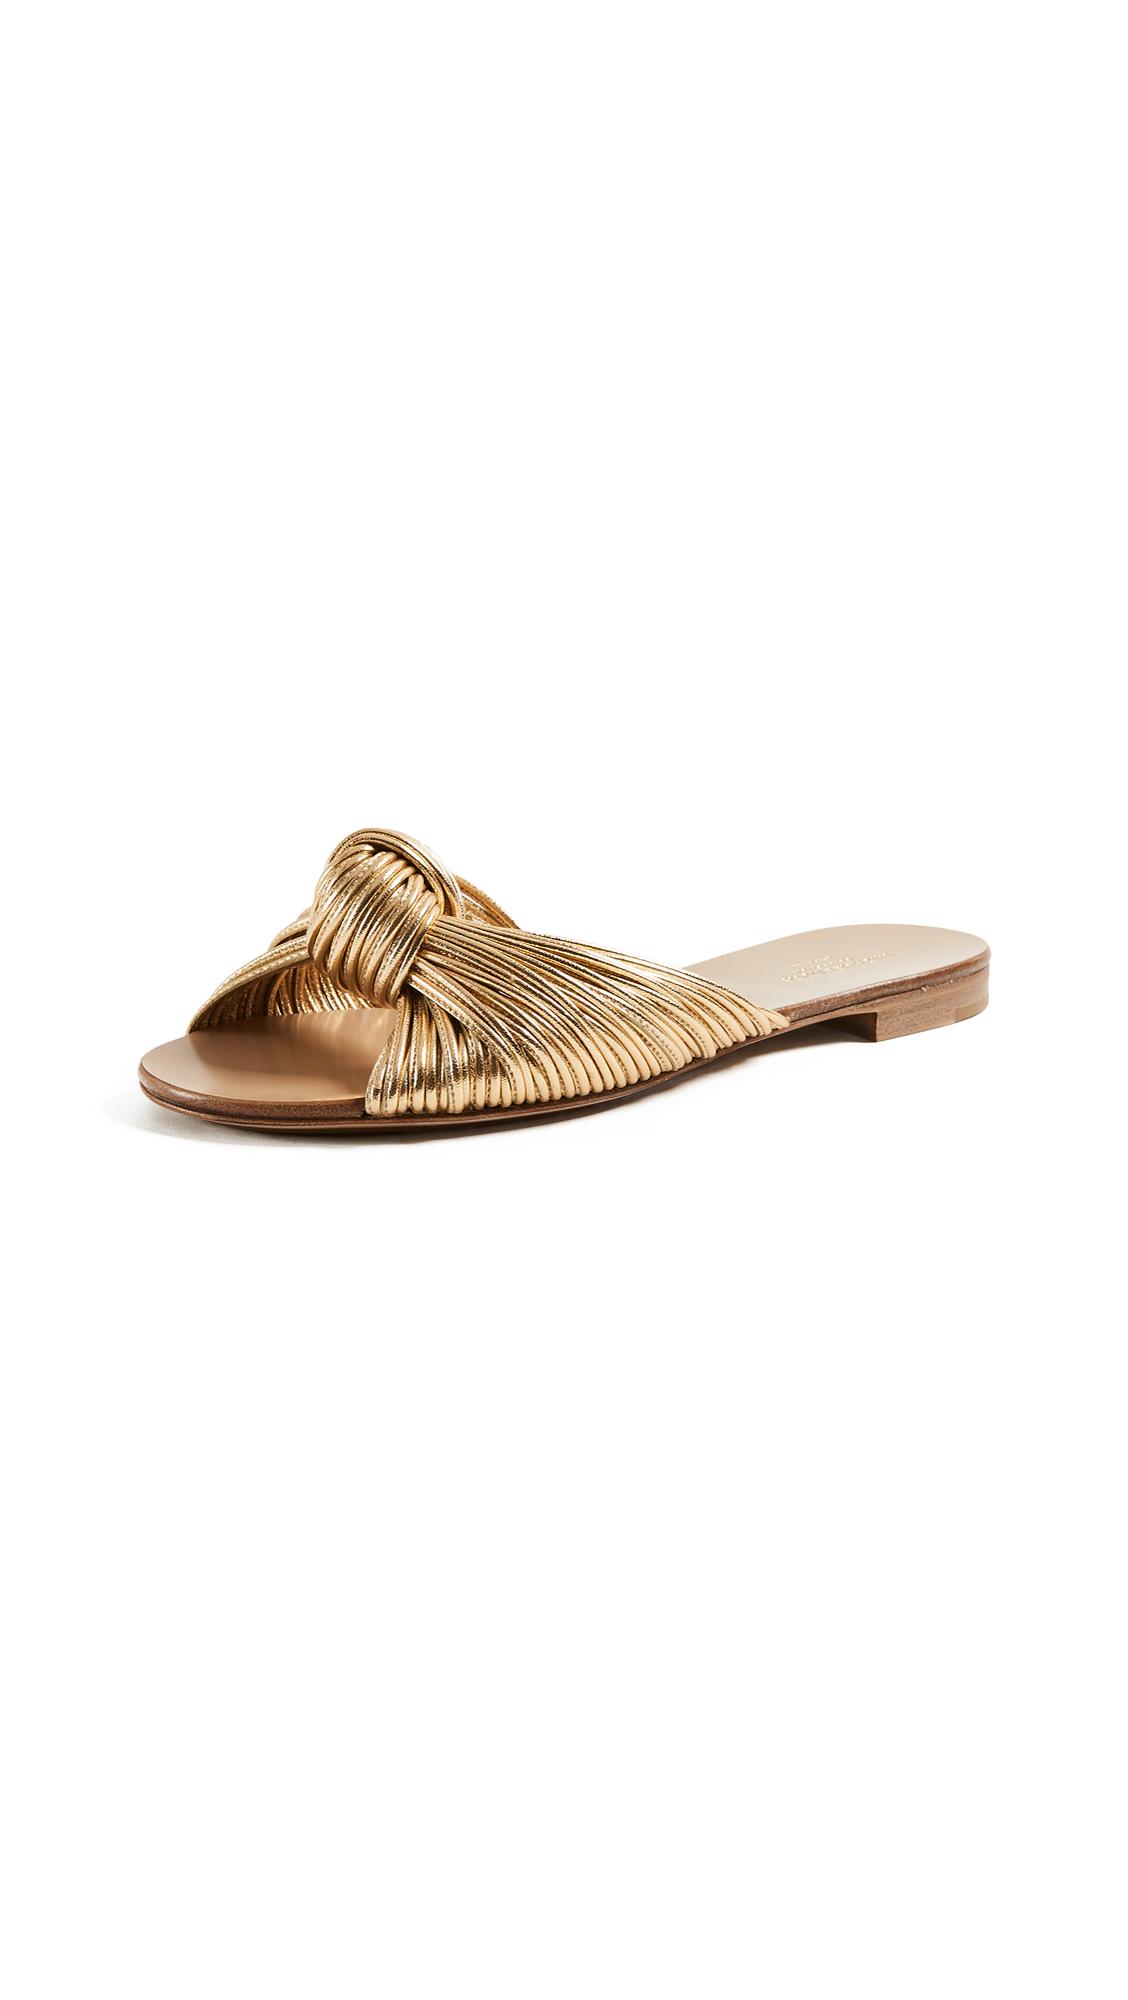 Michael Kors Collection Serena Slides - Gold